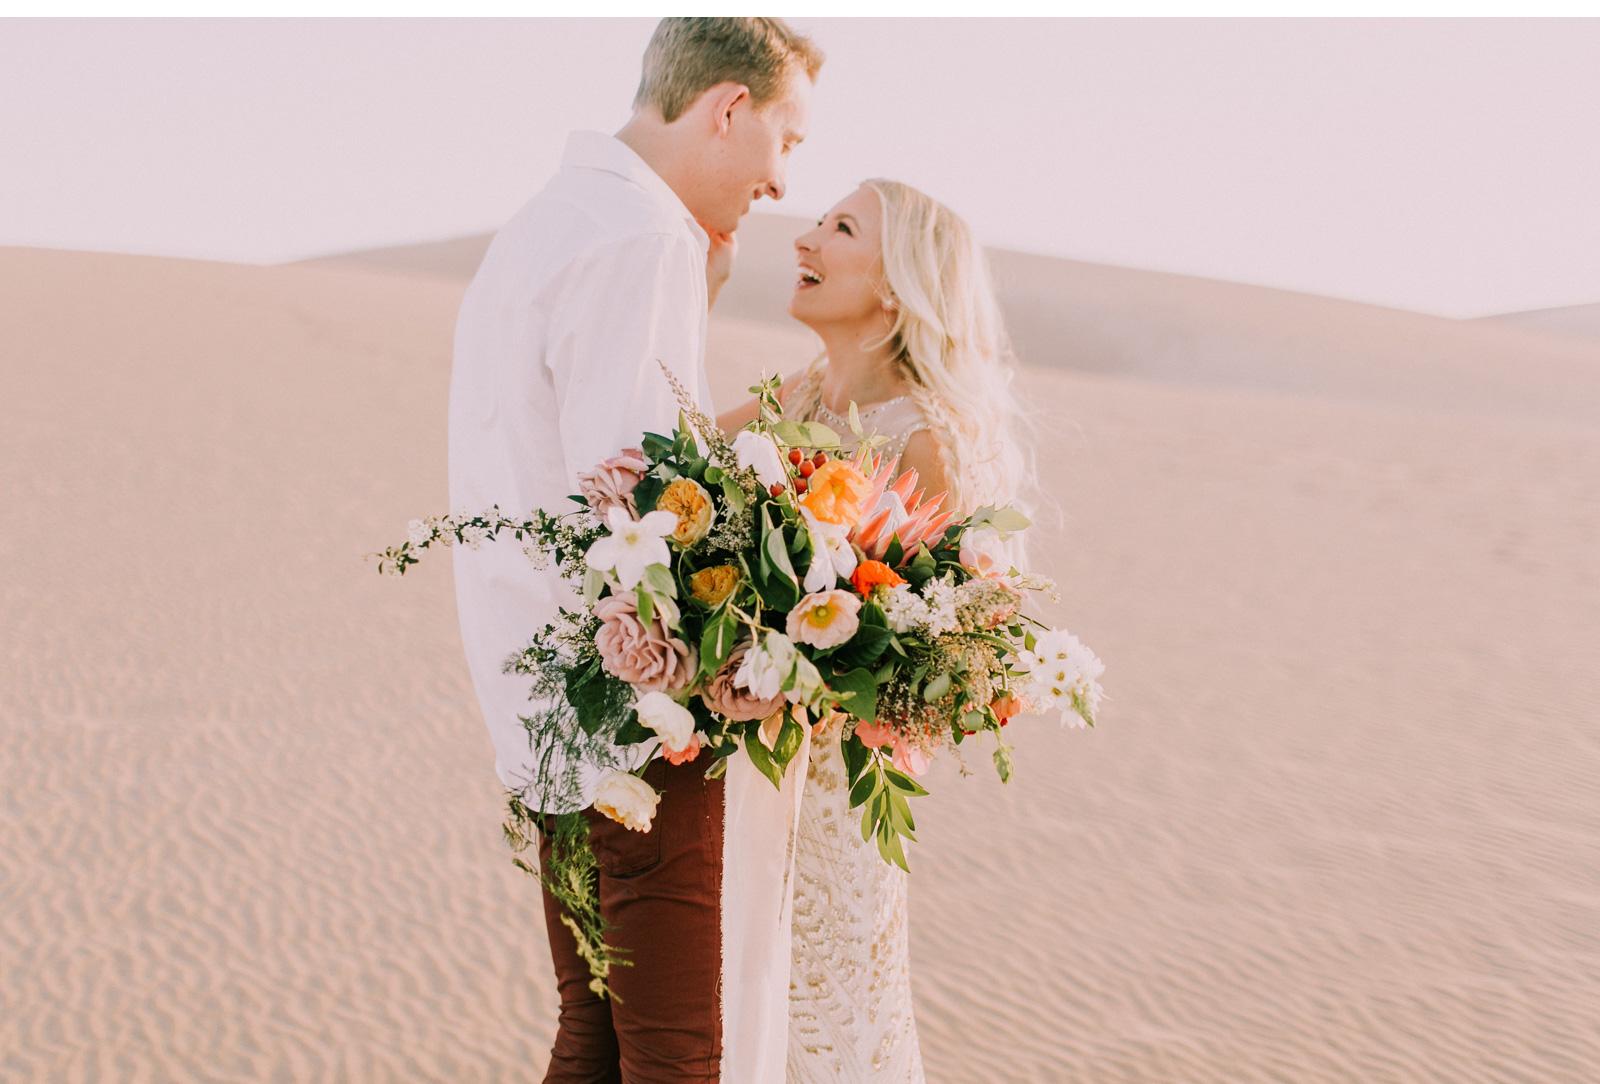 Adventure-Wedding-Green-Wedding-Shoes-Natalie-Schutt-Photography_07.jpg